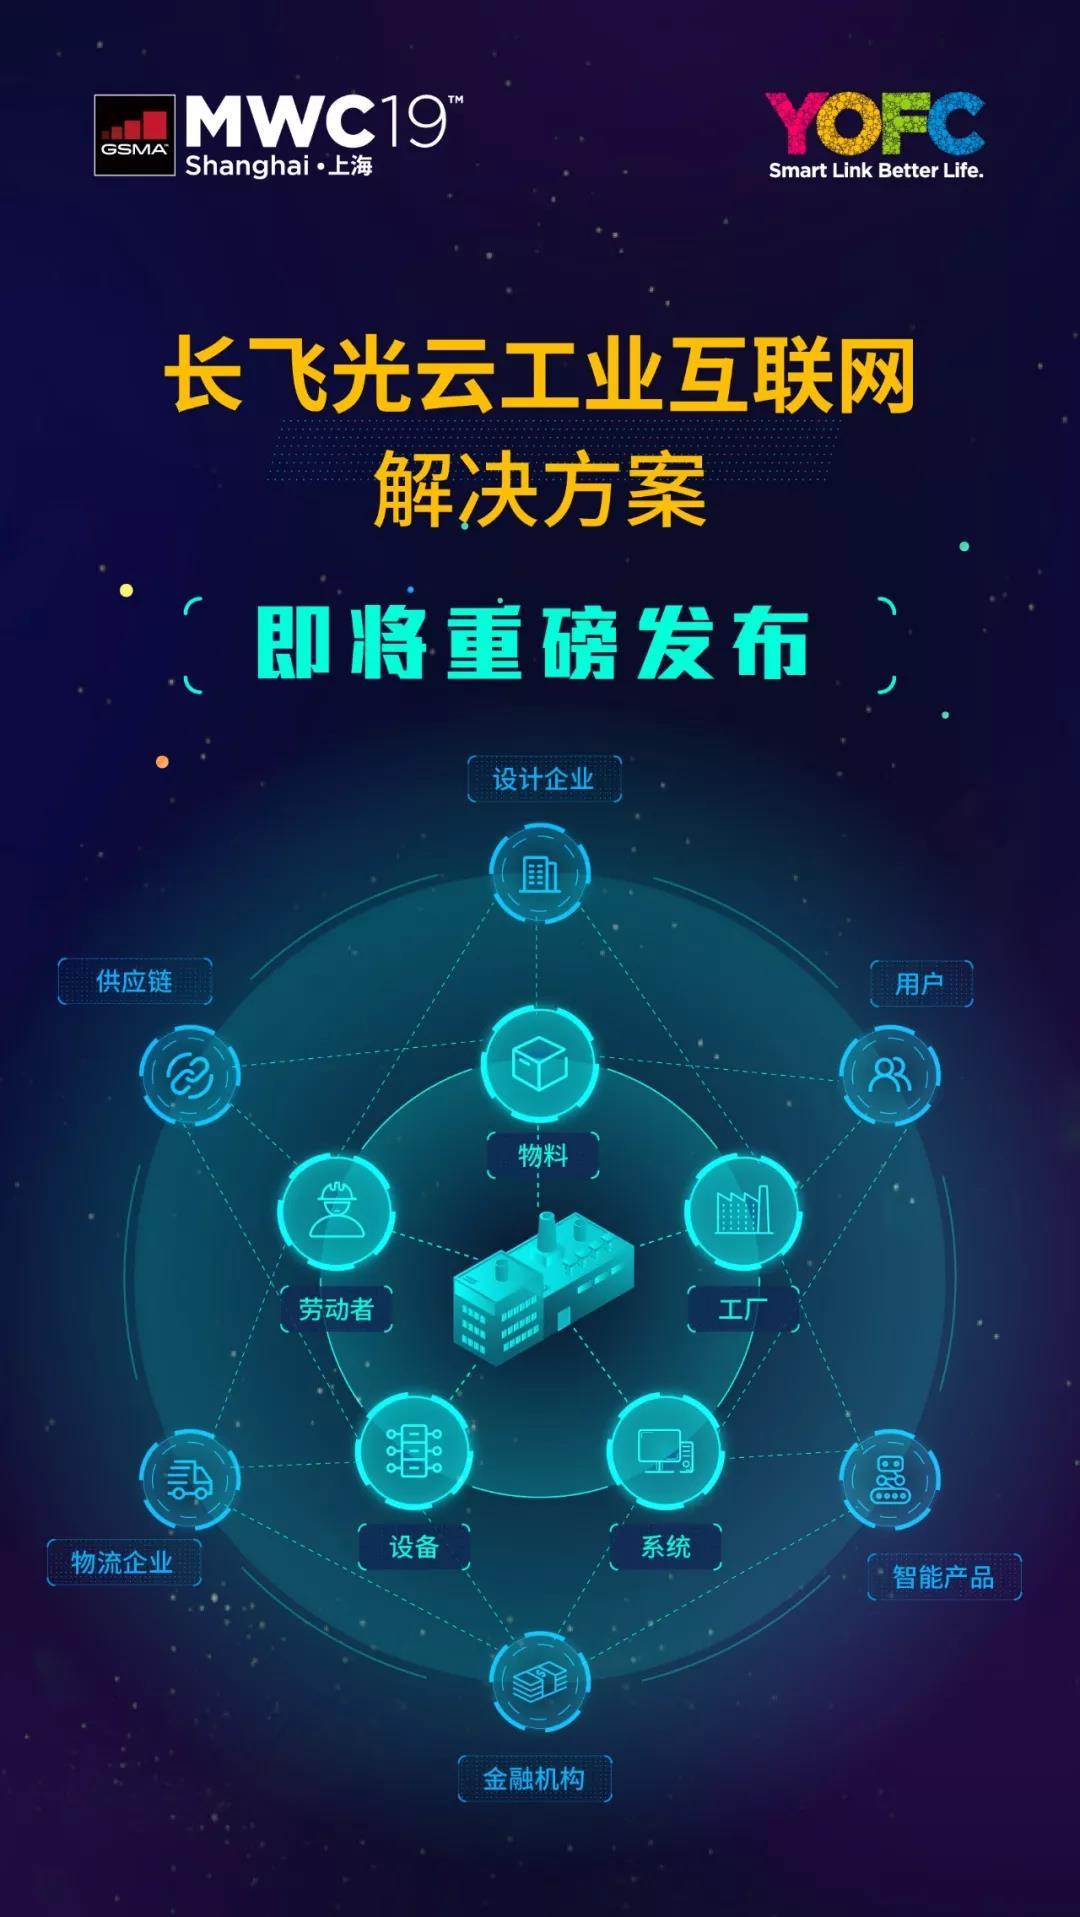 MWC上海:长飞光云工业互联网解决方案即将重磅发布